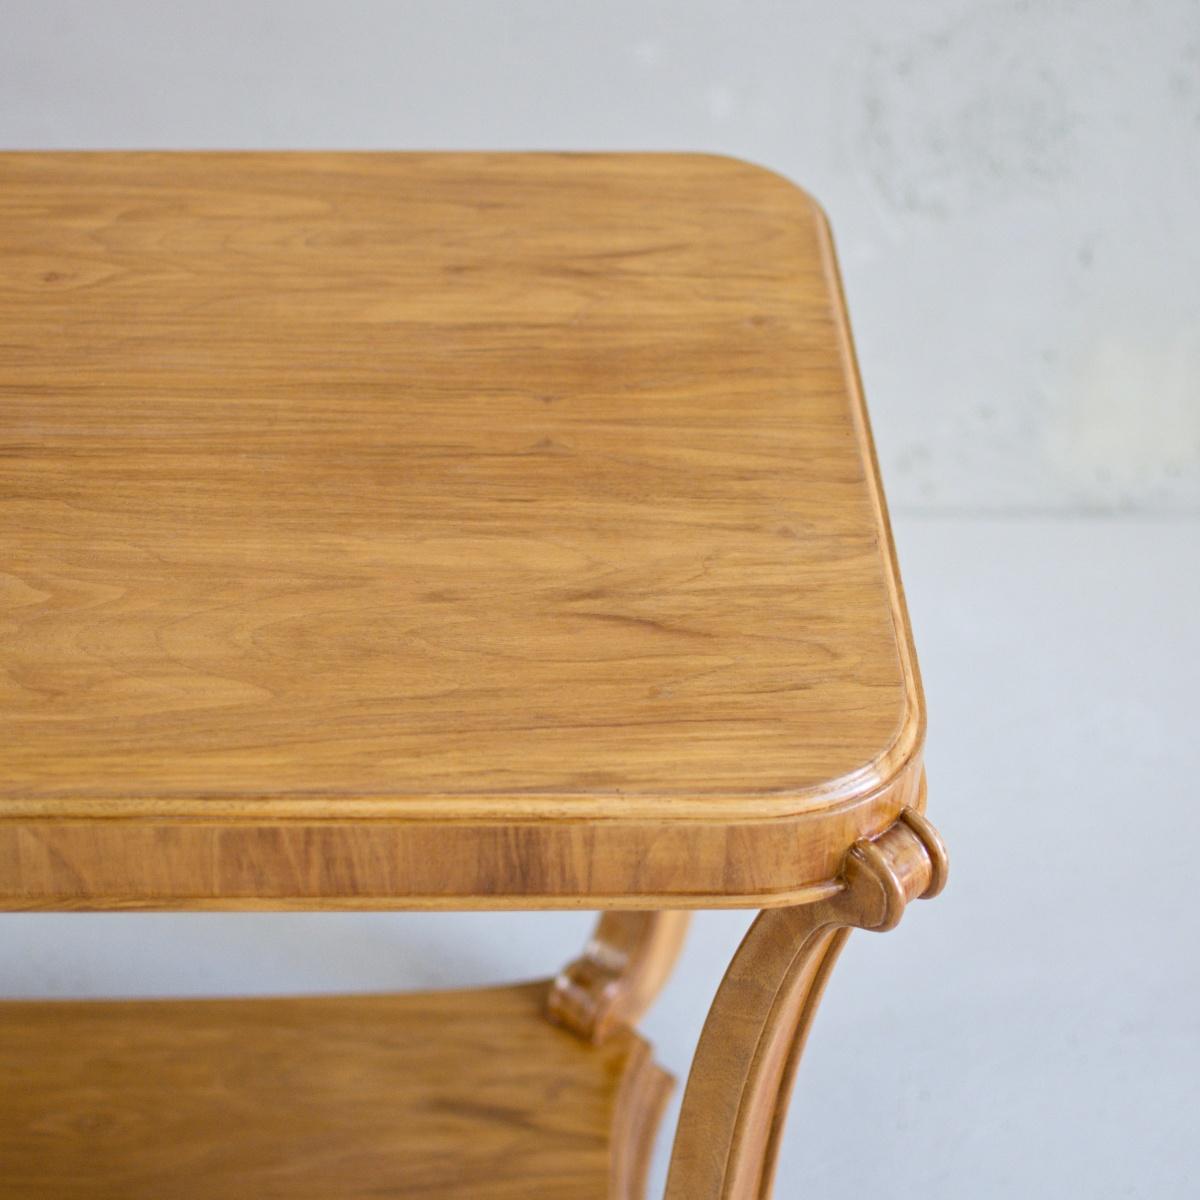 Prodej Anglického vintage nábytku Vintage stolek